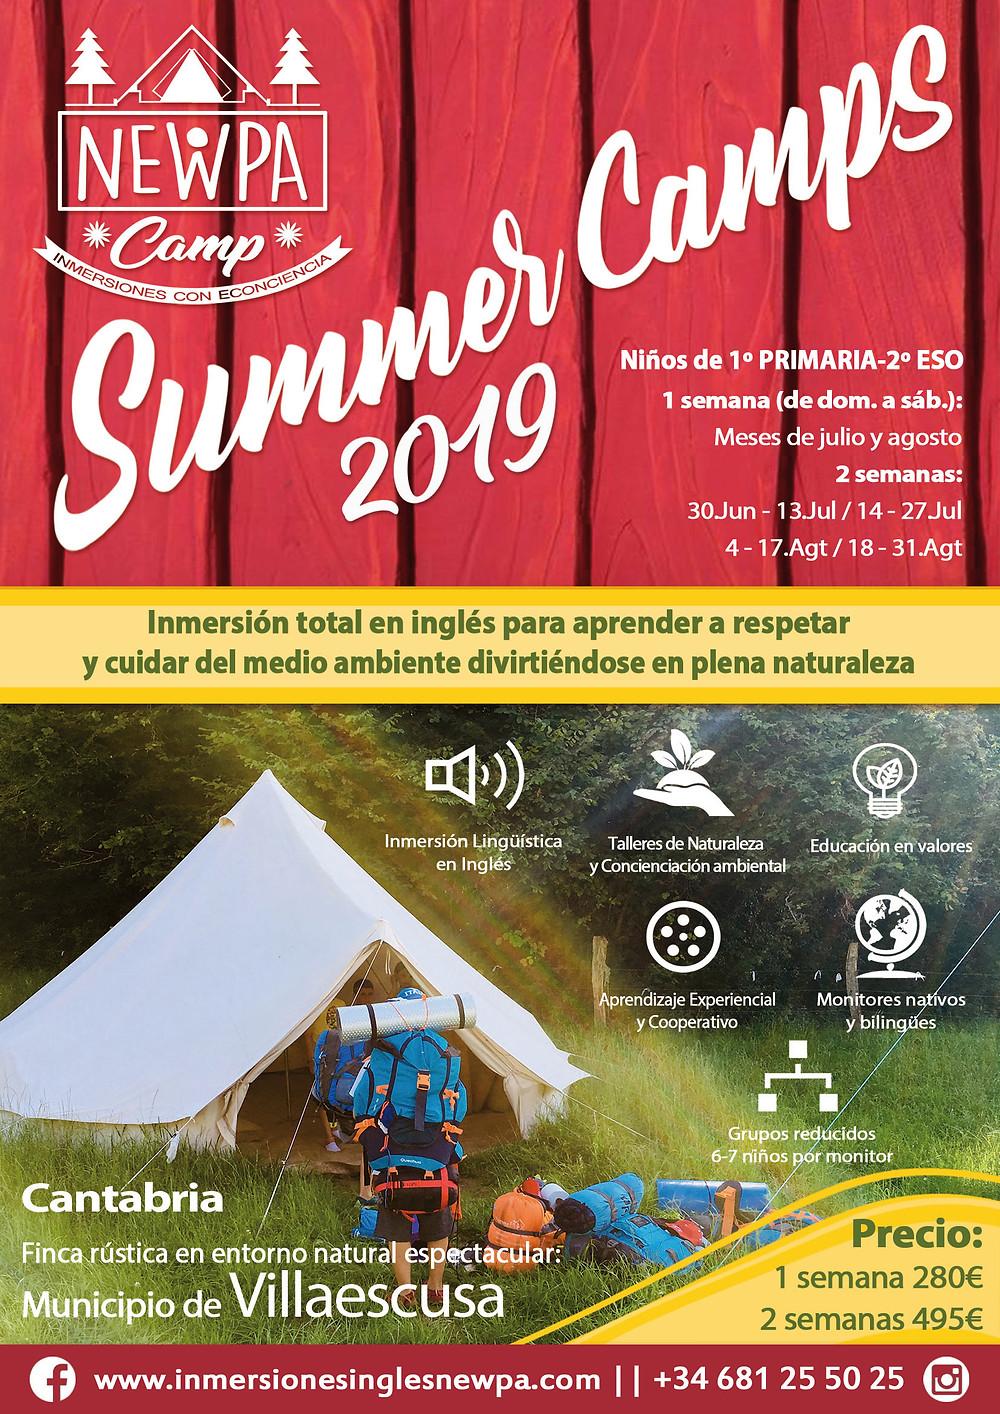 Campamentos de verano en inglés NewPa Summer Camps 2018